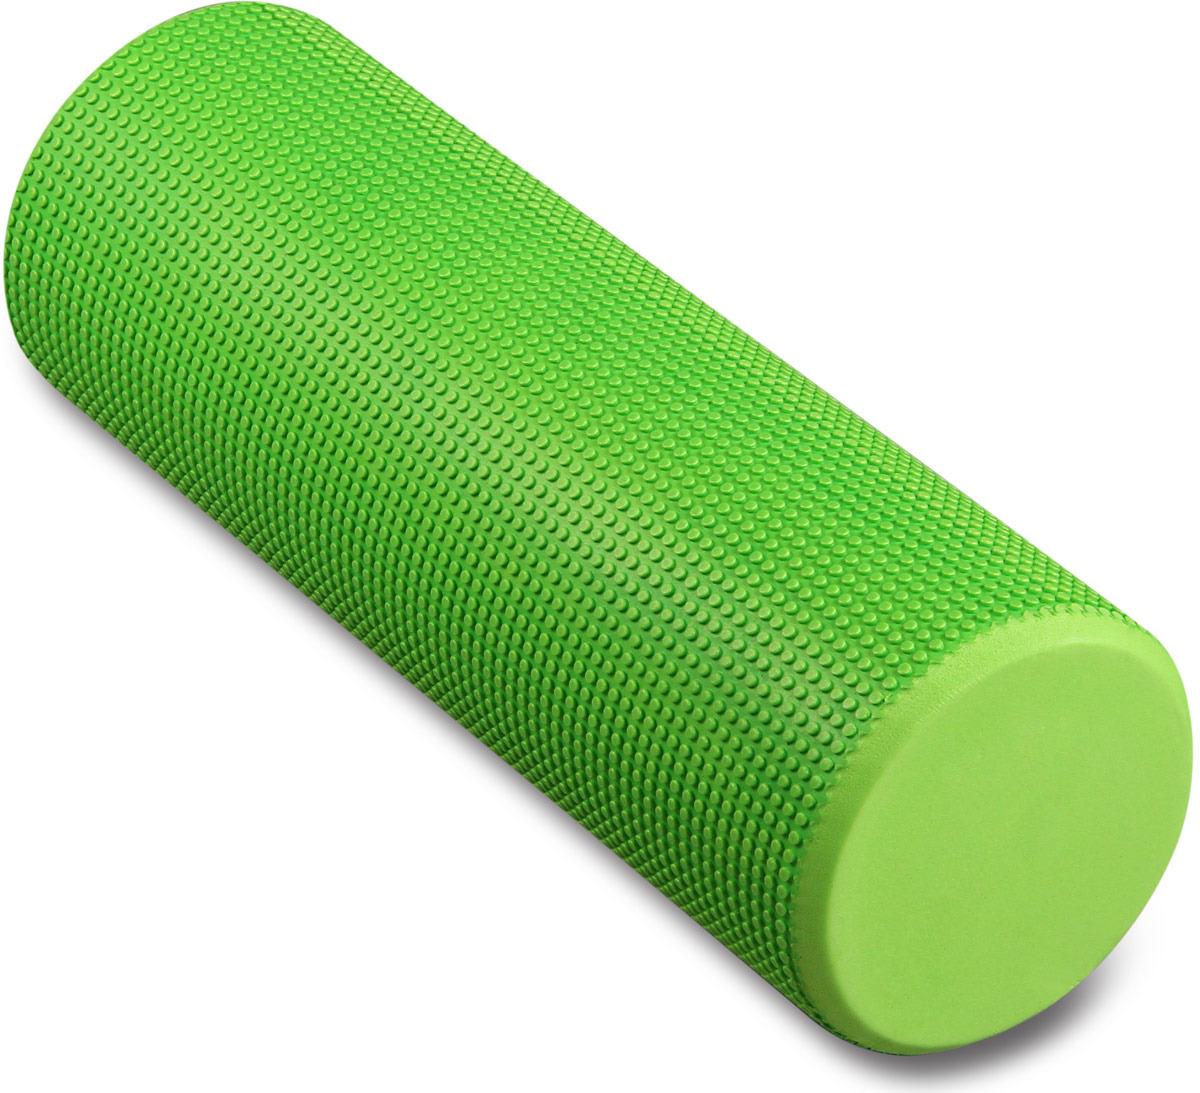 Ролик массажный для йоги Indigo, зеленый, 15 х 45 см ролик для йоги и пилатеса starfit fa 506 цвет зеленый 15 х 15 х 90 см